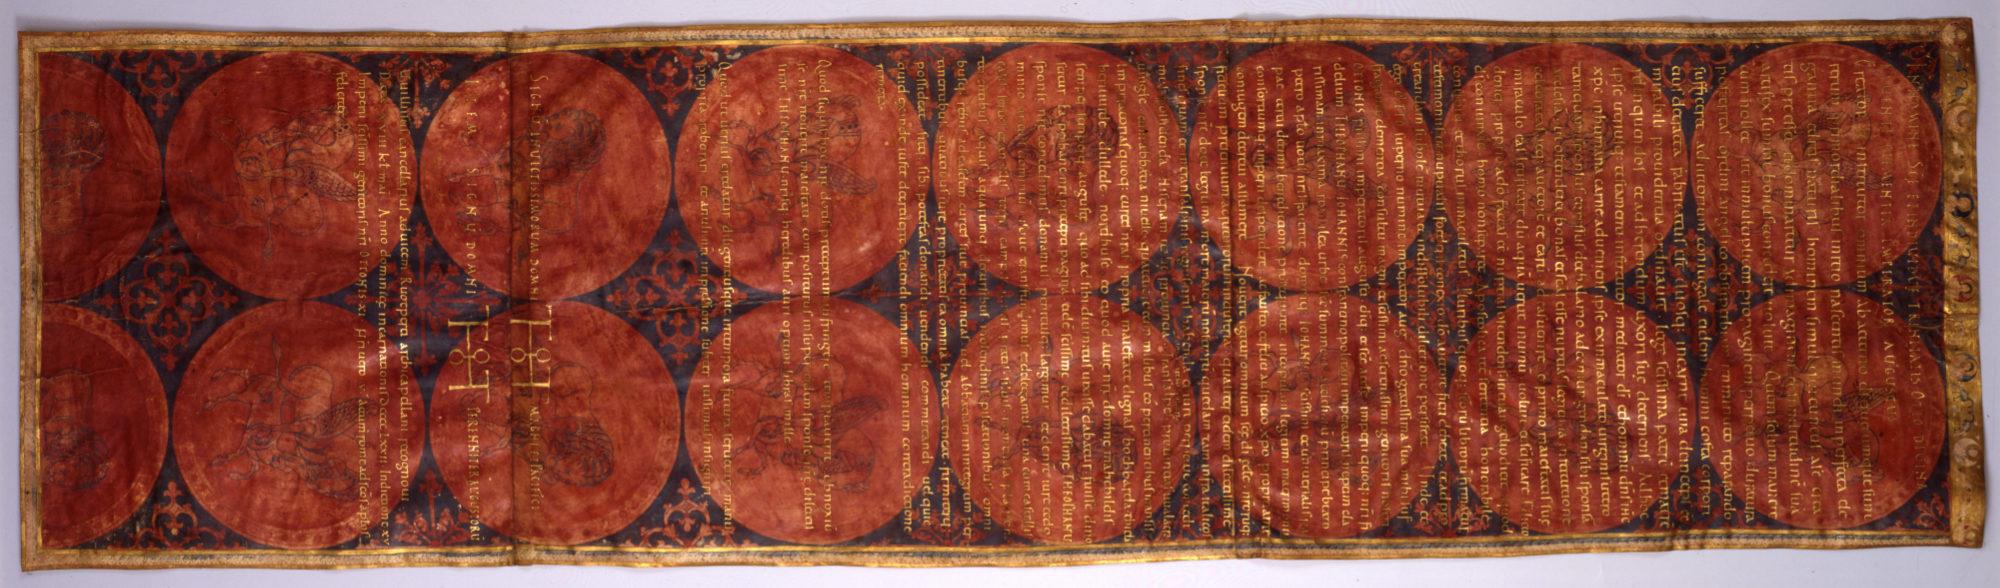 Sogenannte Heiratsurkunde der Kaiserin Theophanu, 972 ©Wolfenbüttel, Niedersächsisches Landesarchiv –Abteilung Wolfenbüttel, 6Urk Nr. 11